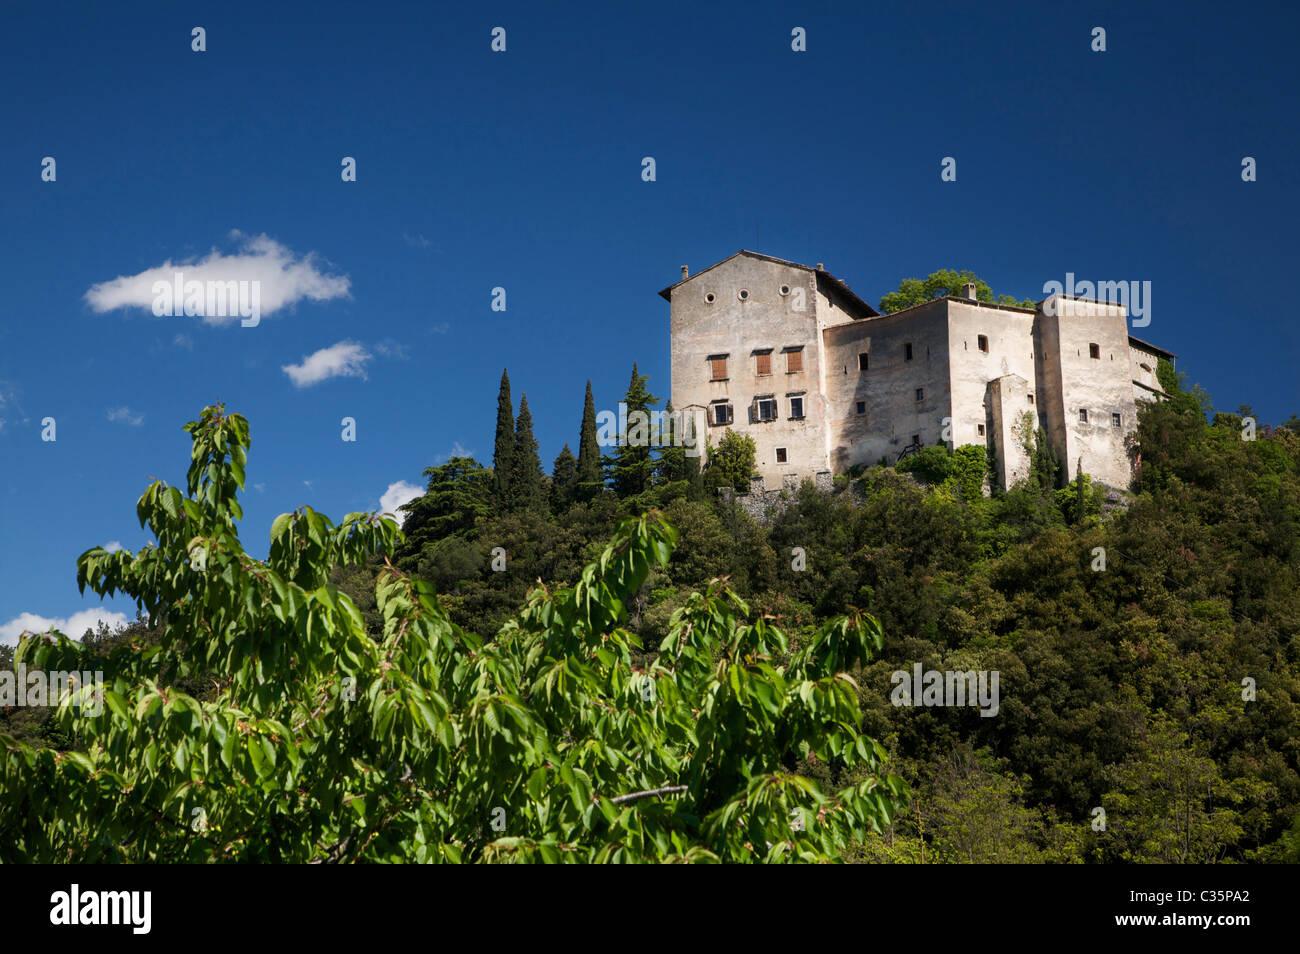 Madruzzo castle, Valle dei Laghi, Trentino Alto Adige, Italy, Europe - Stock Image